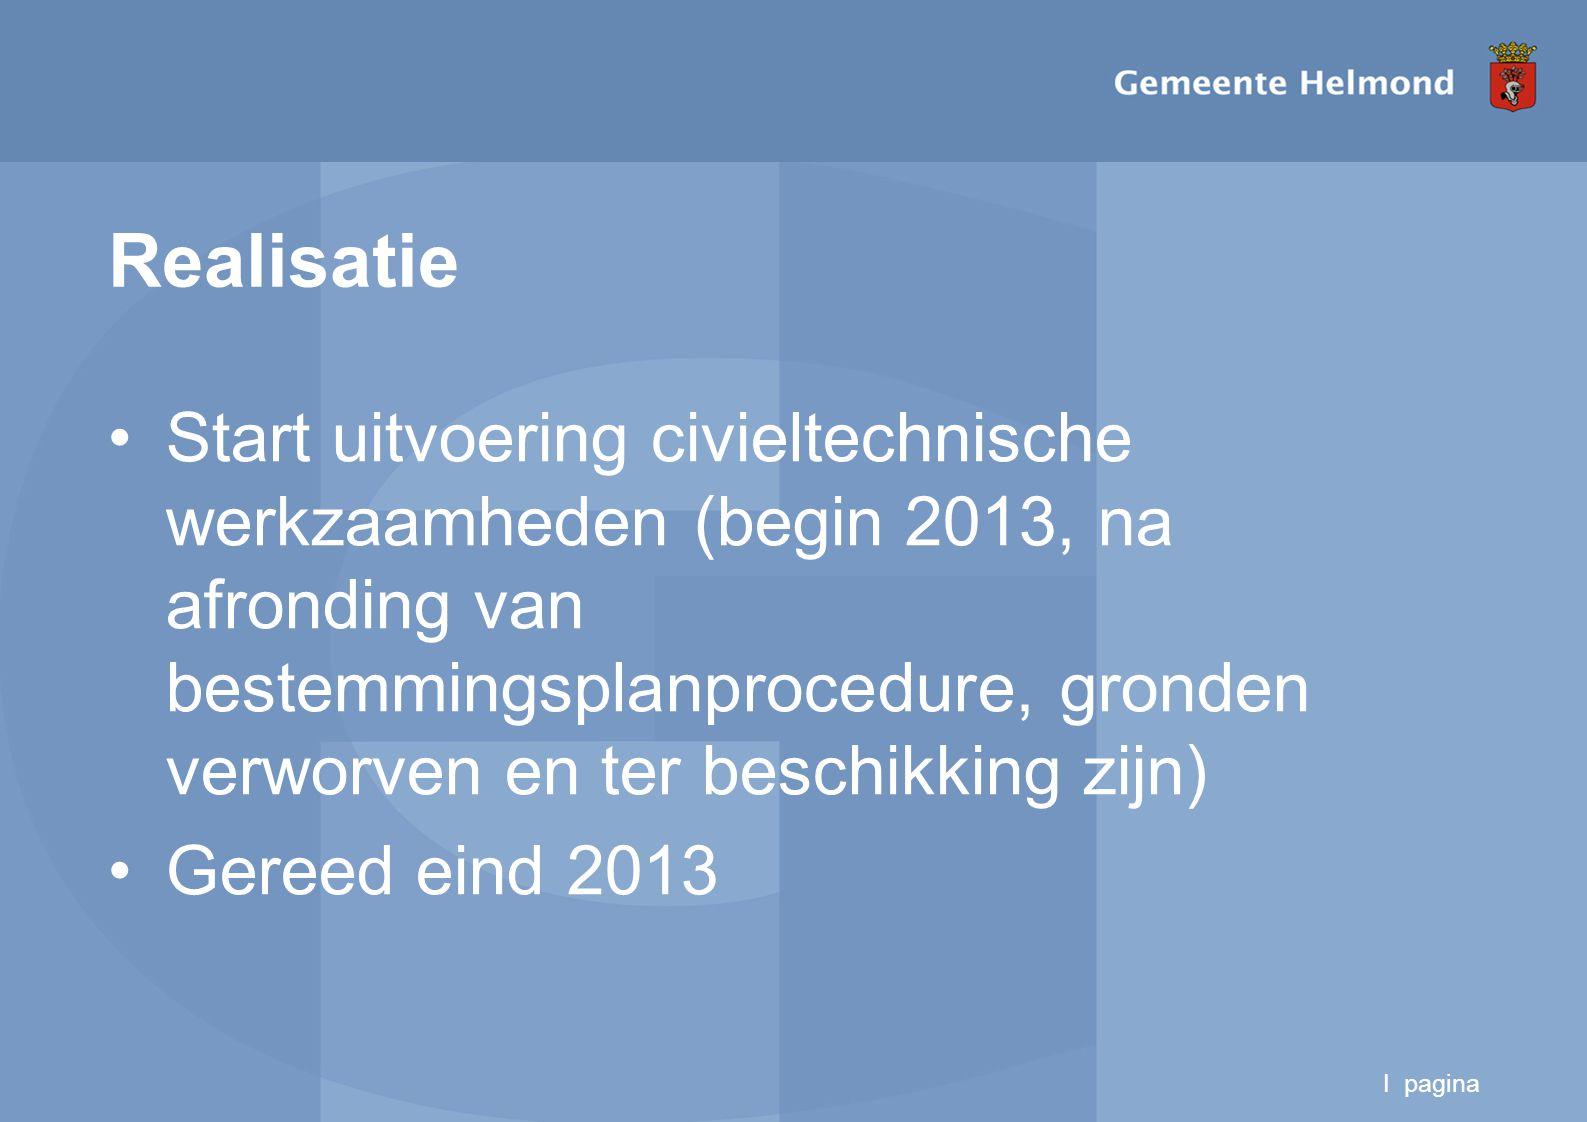 I pagina Realisatie Start uitvoering civieltechnische werkzaamheden (begin 2013, na afronding van bestemmingsplanprocedure, gronden verworven en ter beschikking zijn) Gereed eind 2013